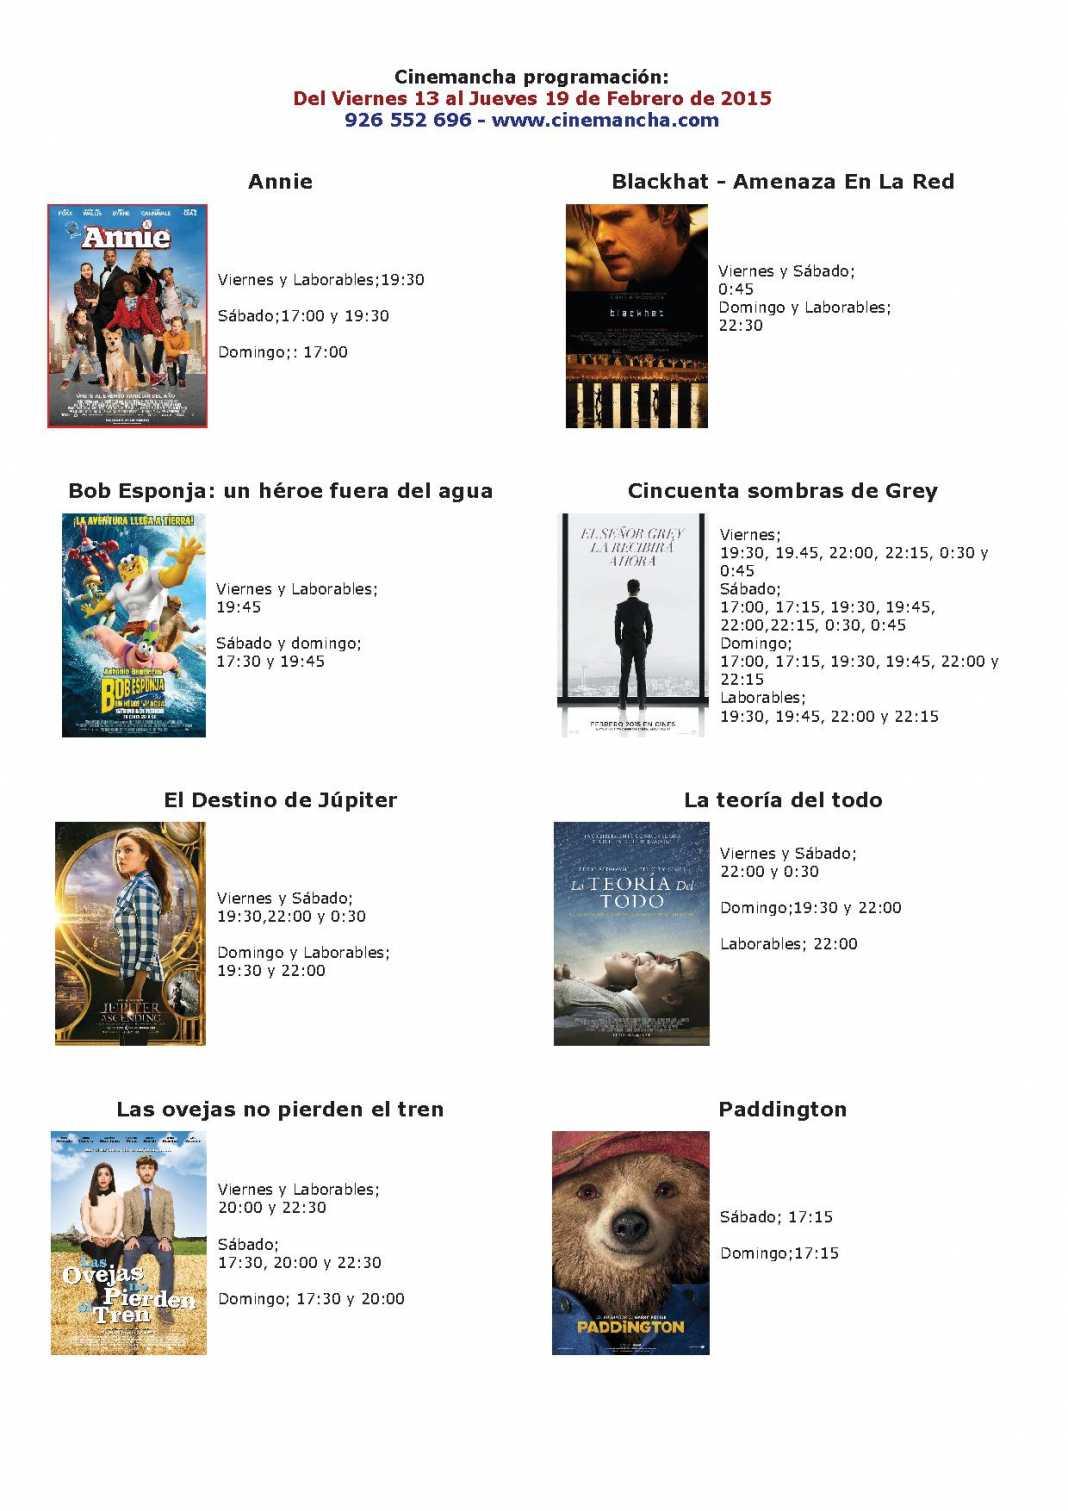 cartelera de cinemancha del 13 al 19 de febrero 1068x1511 - Cartelera de Cinemancha del 13 al 19  de febrero